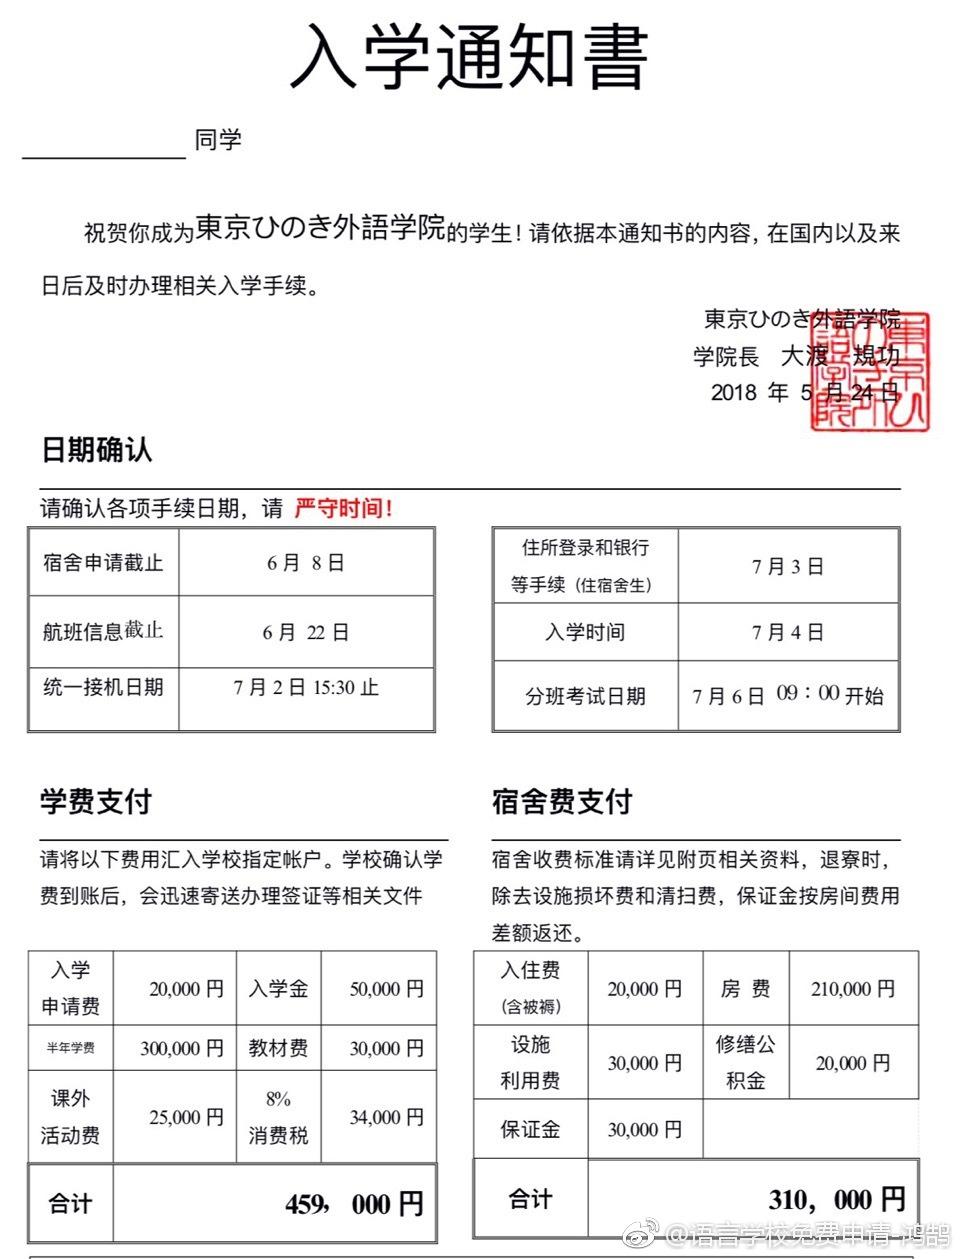 太阳树日本语半年学费清单